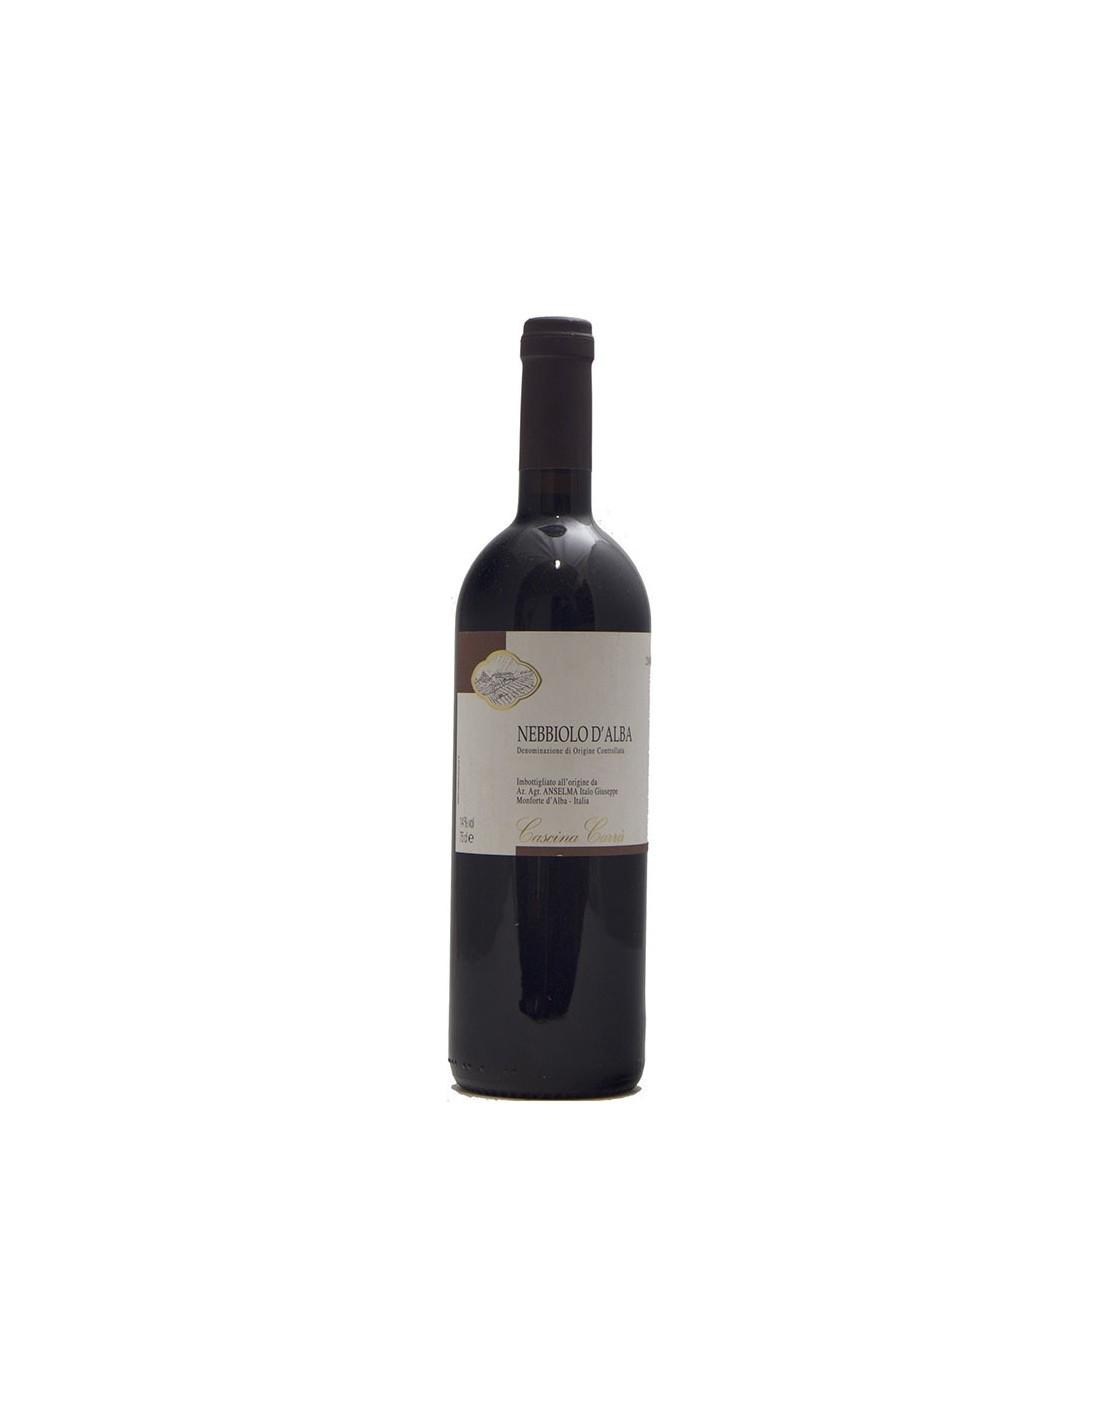 NEBBIOLO ALBA 2006 CASCINA CARRA' Grandi Bottiglie